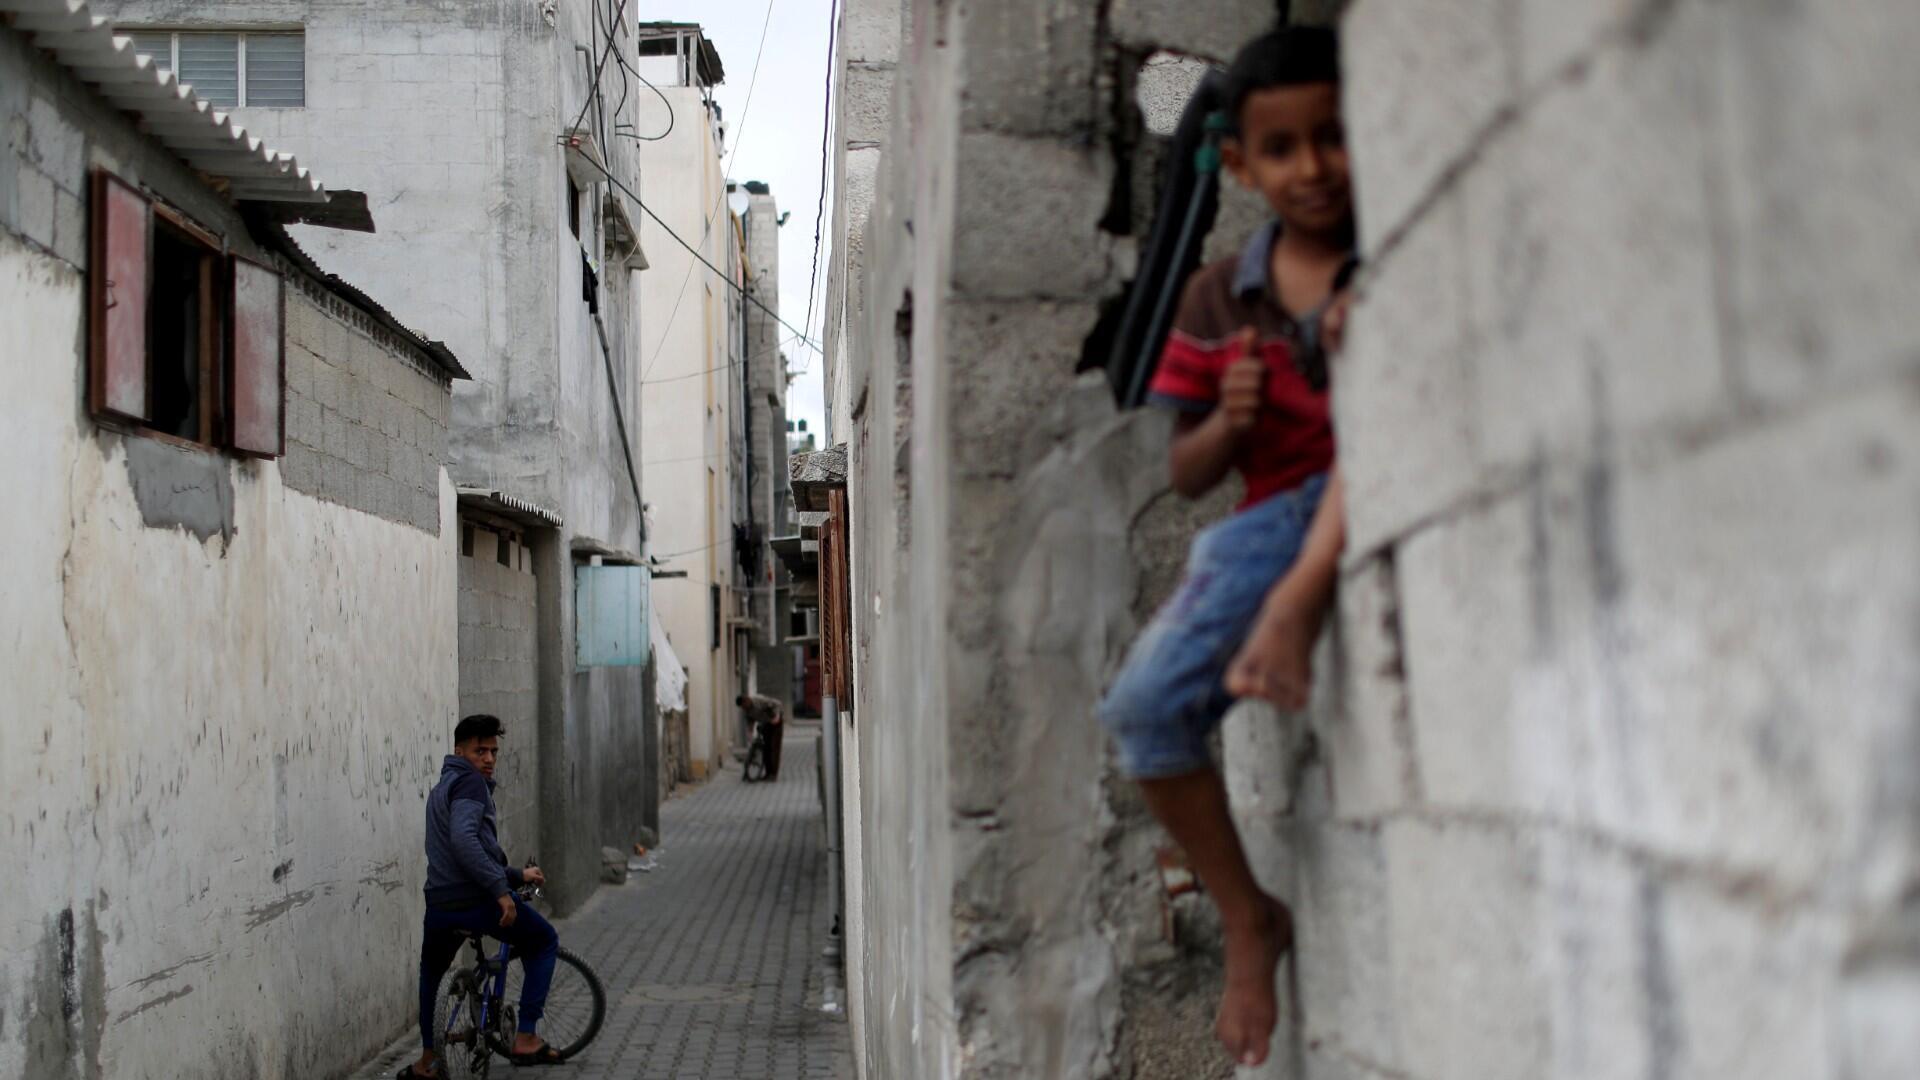 Jóvenes palestinos en bicicleta observan a un niño sentado en una pared en el campo de refugiados de Jabalia, una de las áreas más densamente pobladas del mundo, en medio de las preocupaciones sobre la propagación de la enfermedad por coronavirus (COVID-19), en el norte de la Franja de Gaza 5 de mayo de 2020.